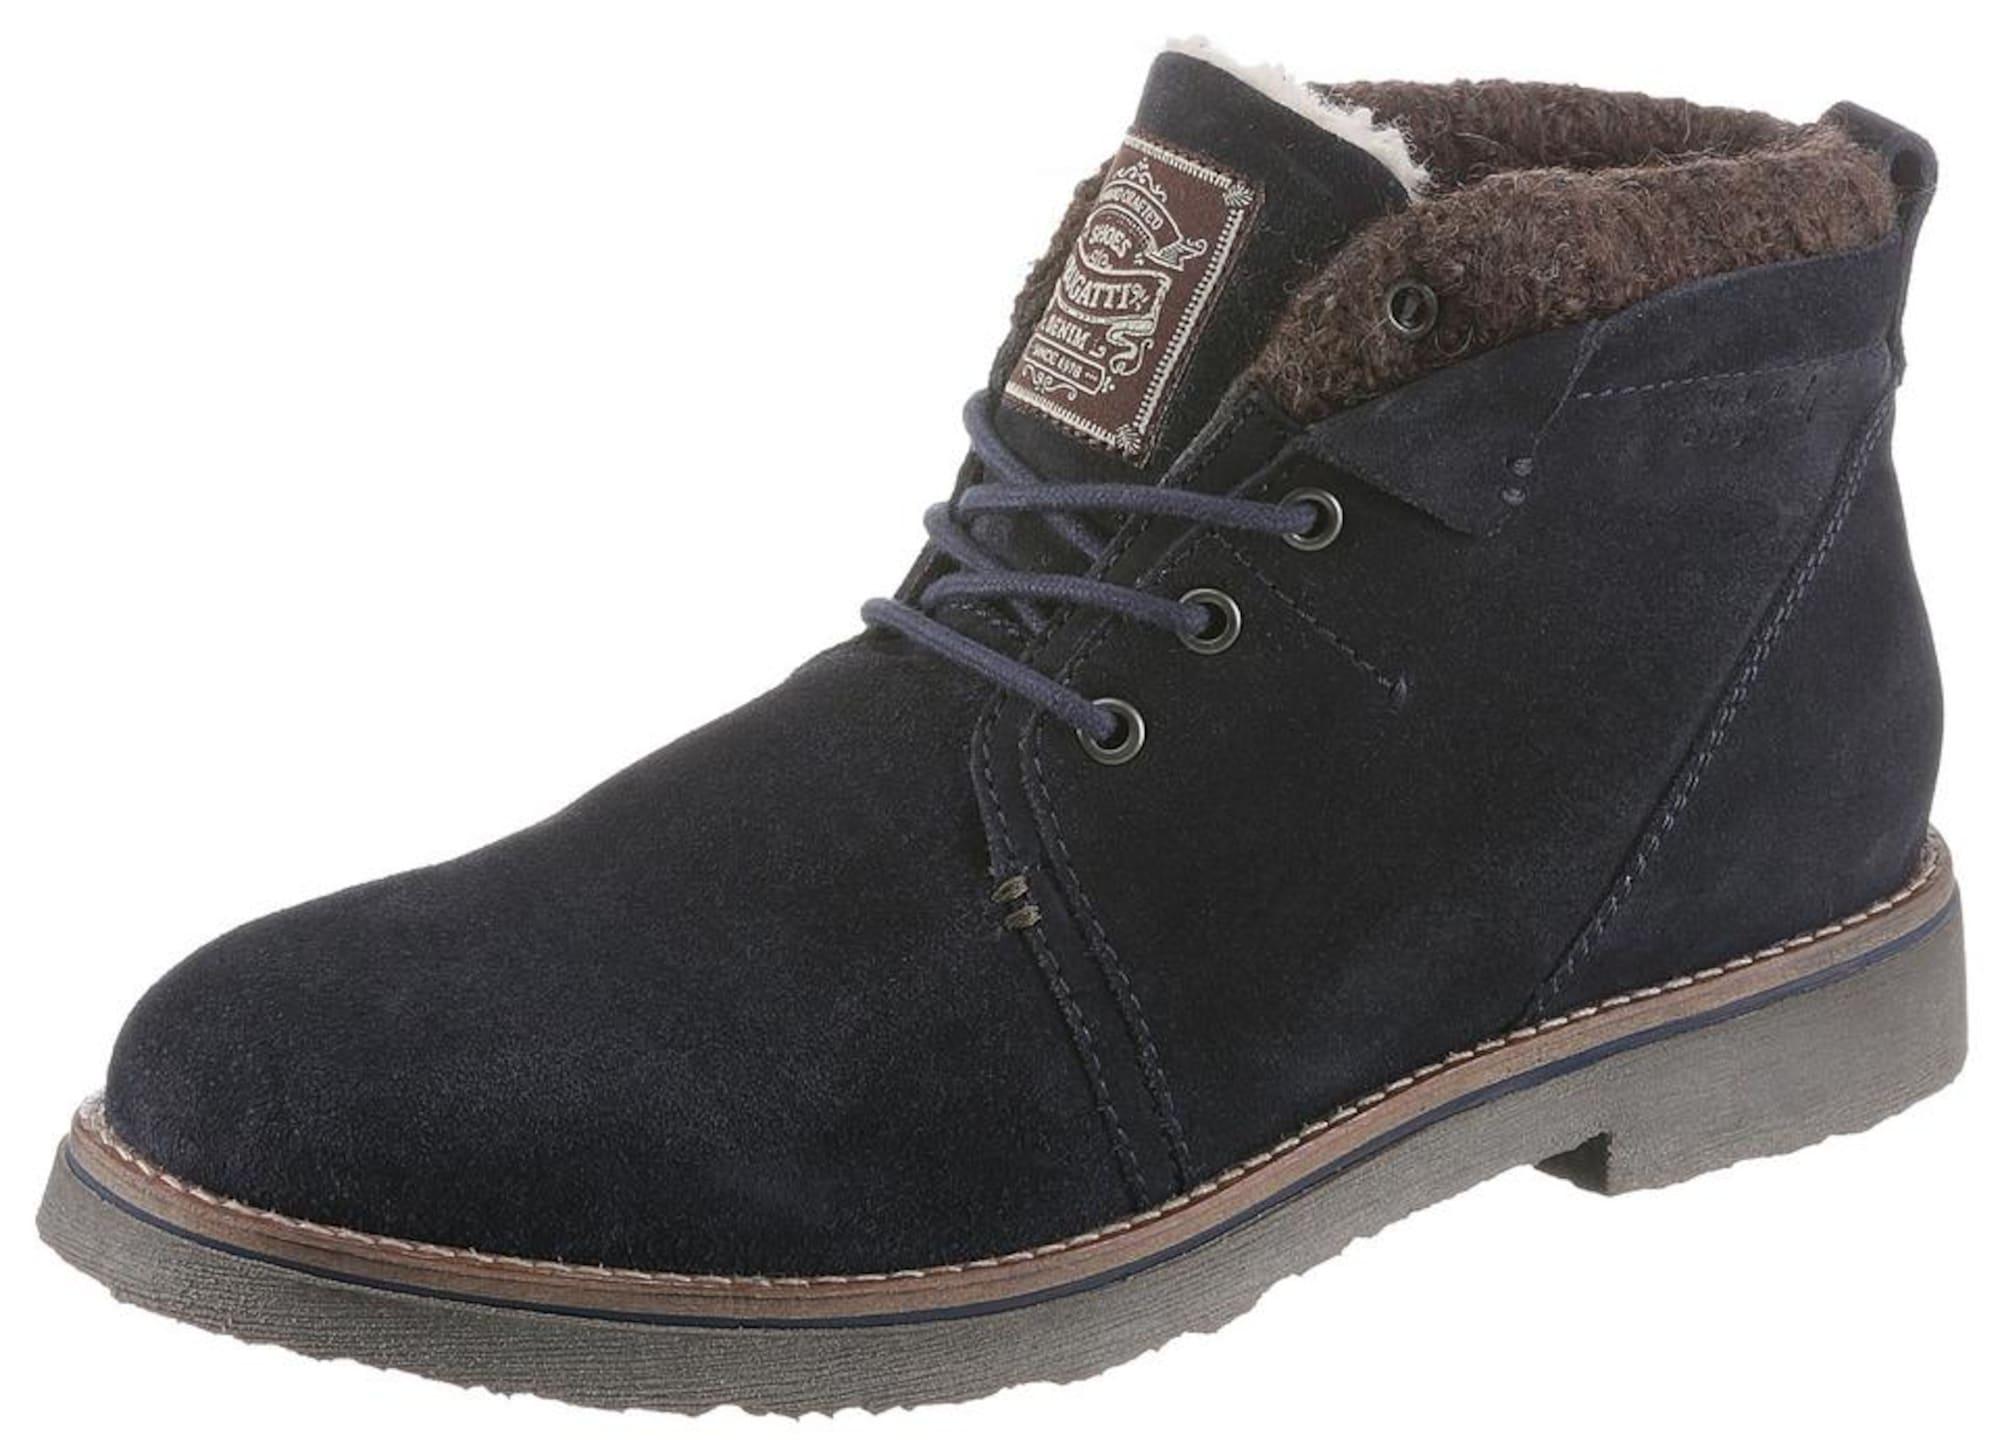 Schnürboots 'Placido' | Schuhe > Boots > Schnürboots | Bugatti